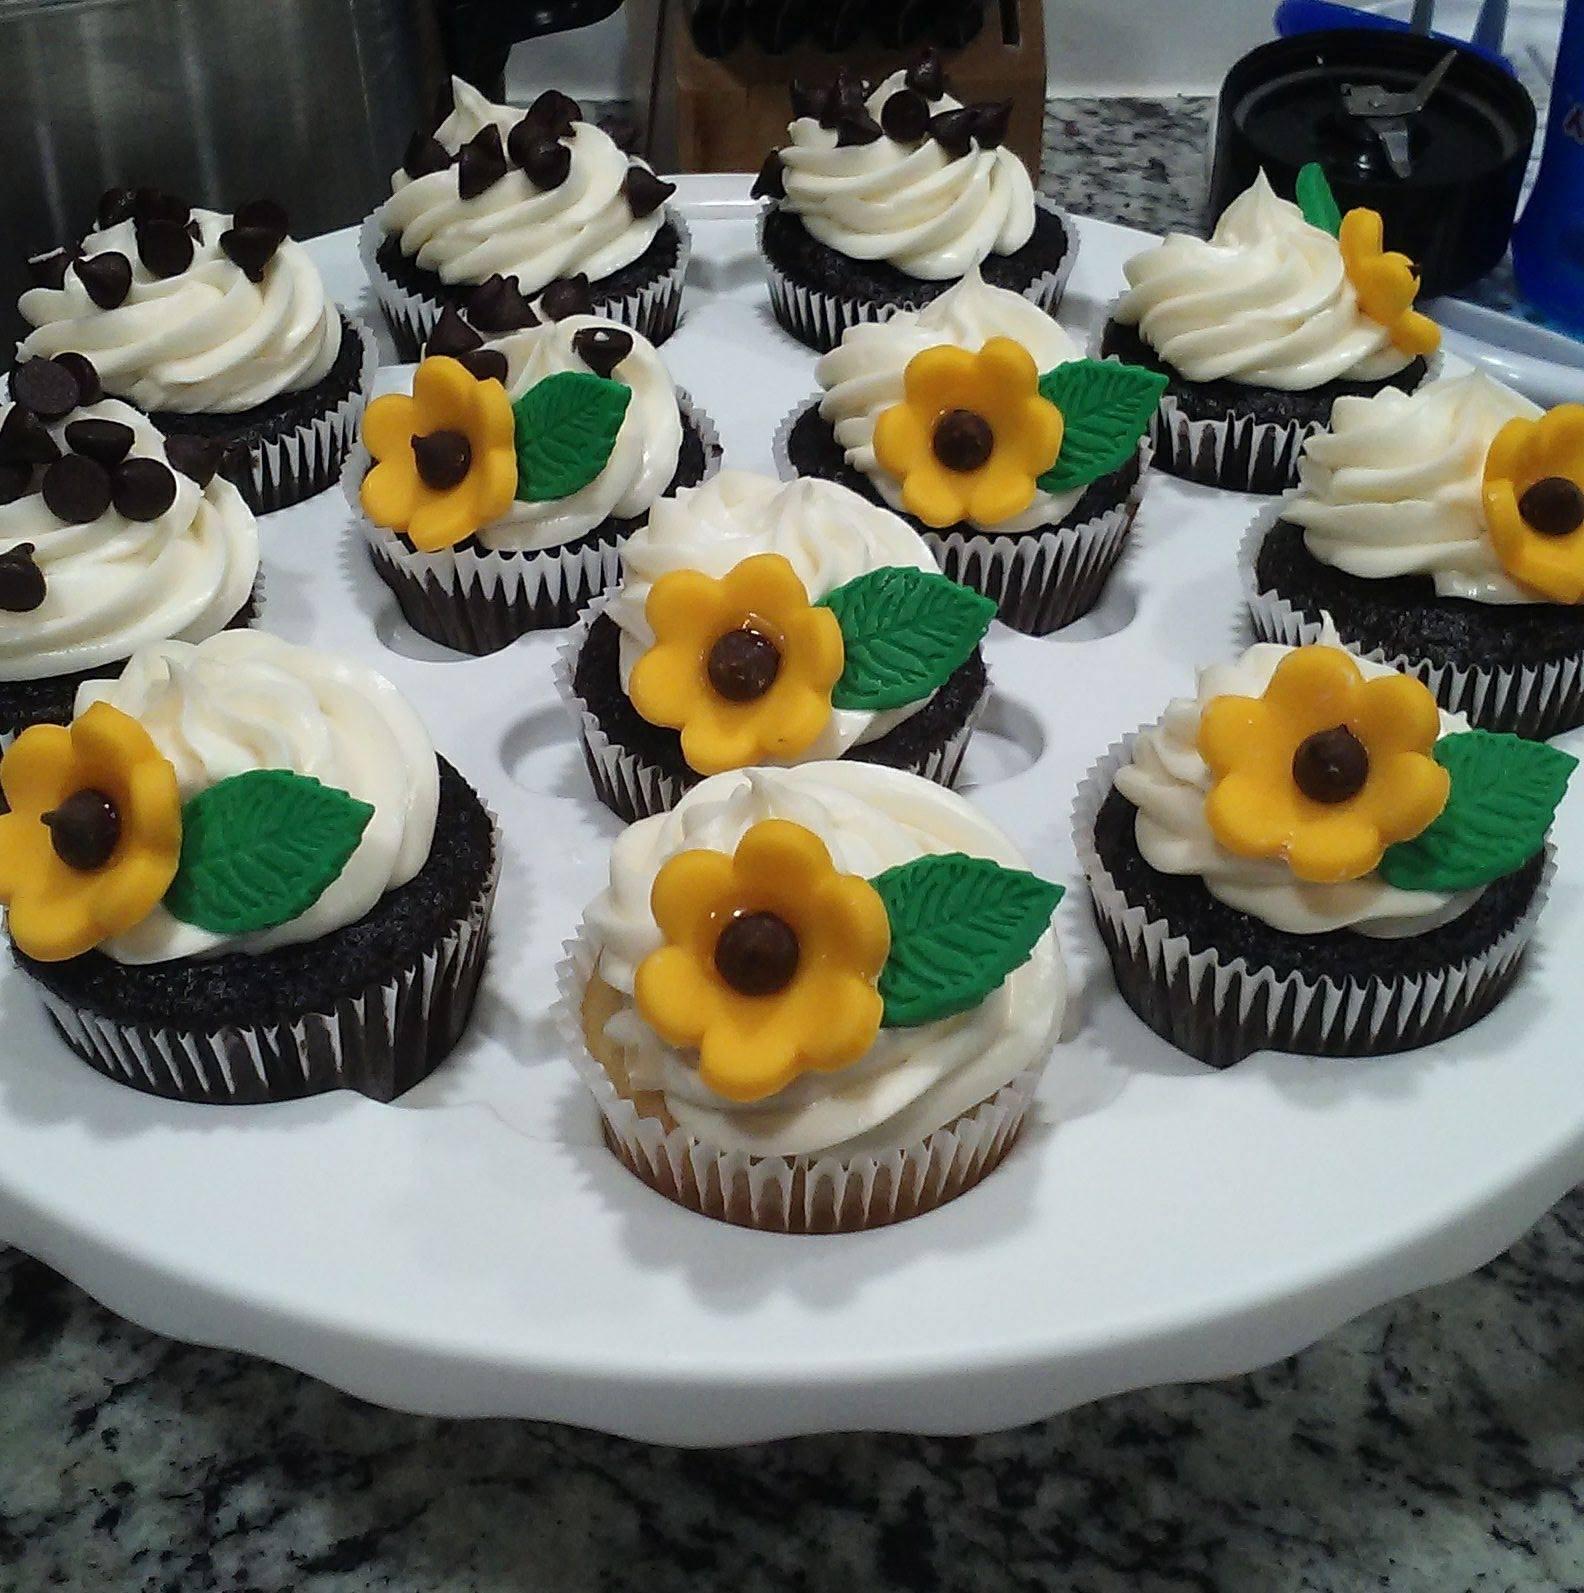 Sweetie's Cupcakes